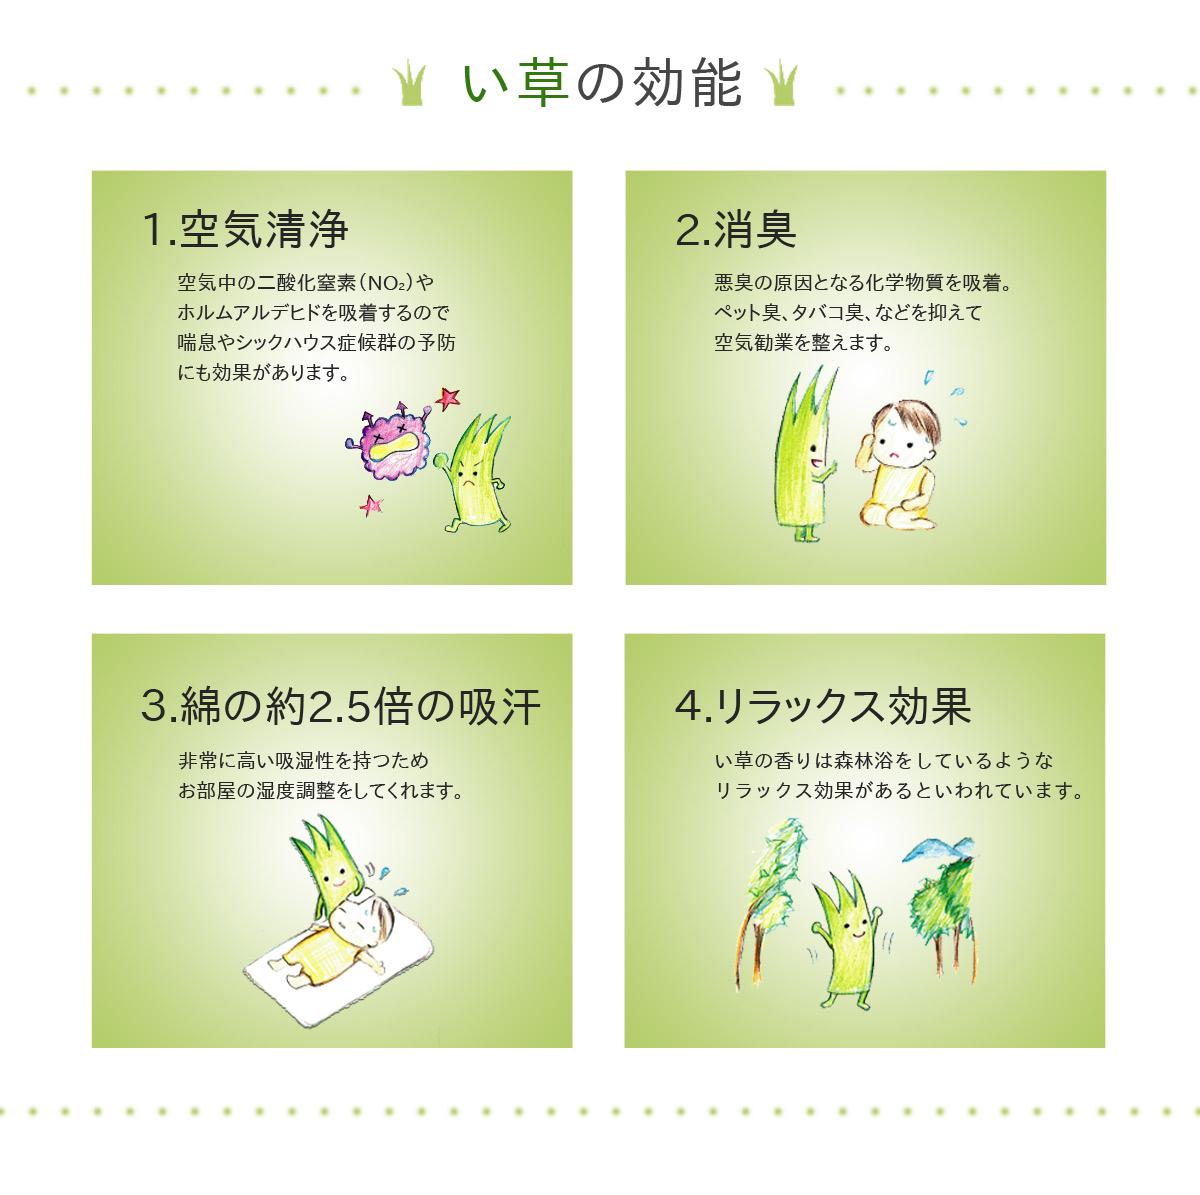 プレゼント ギフト おとこの枕 国産 い草【送料無料】